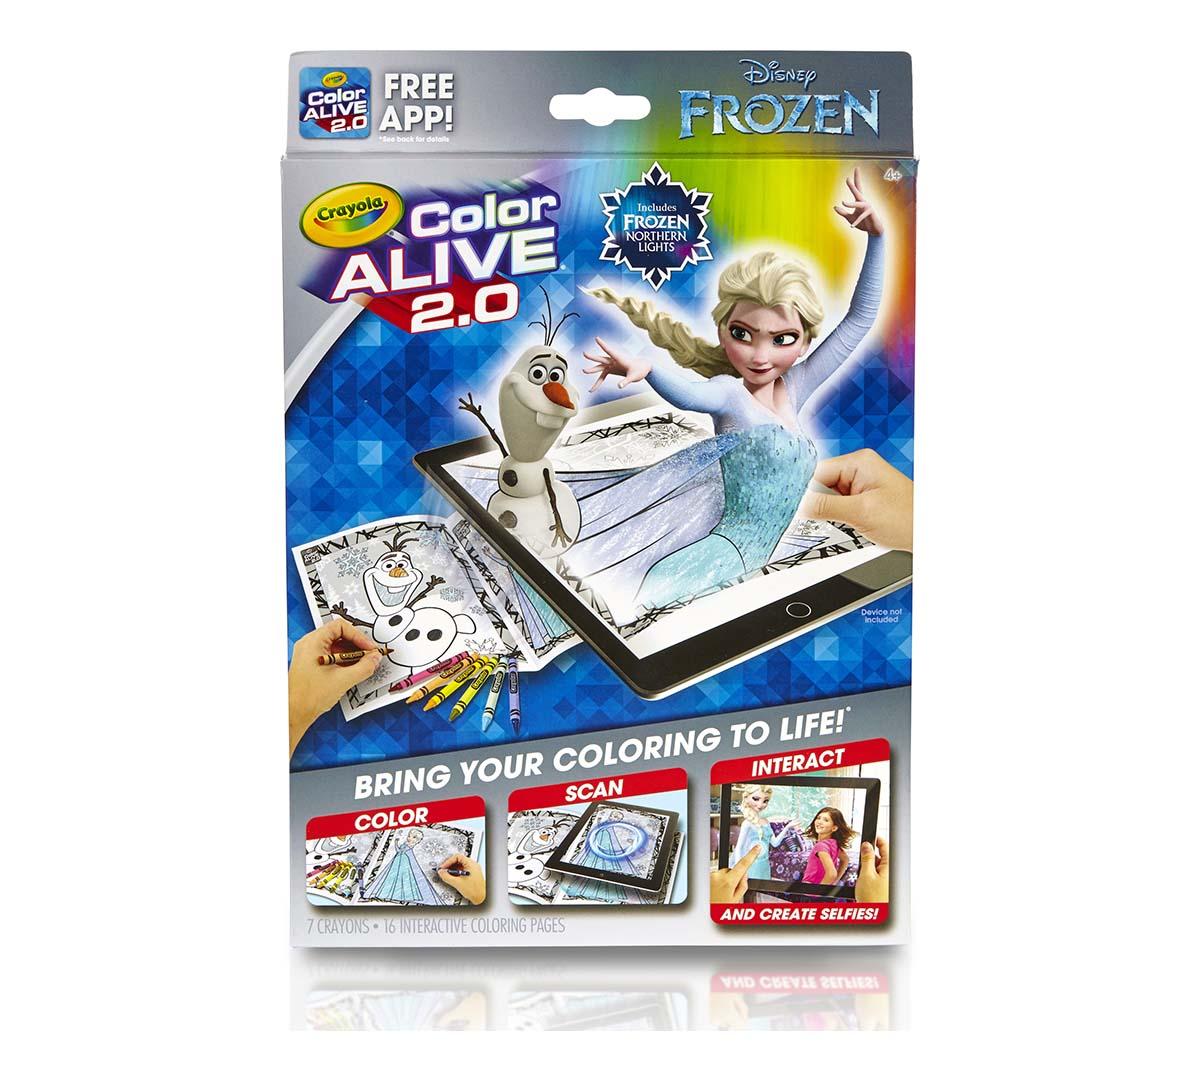 Crayola Frozen Color Alive 2 0 Interactive Coloring